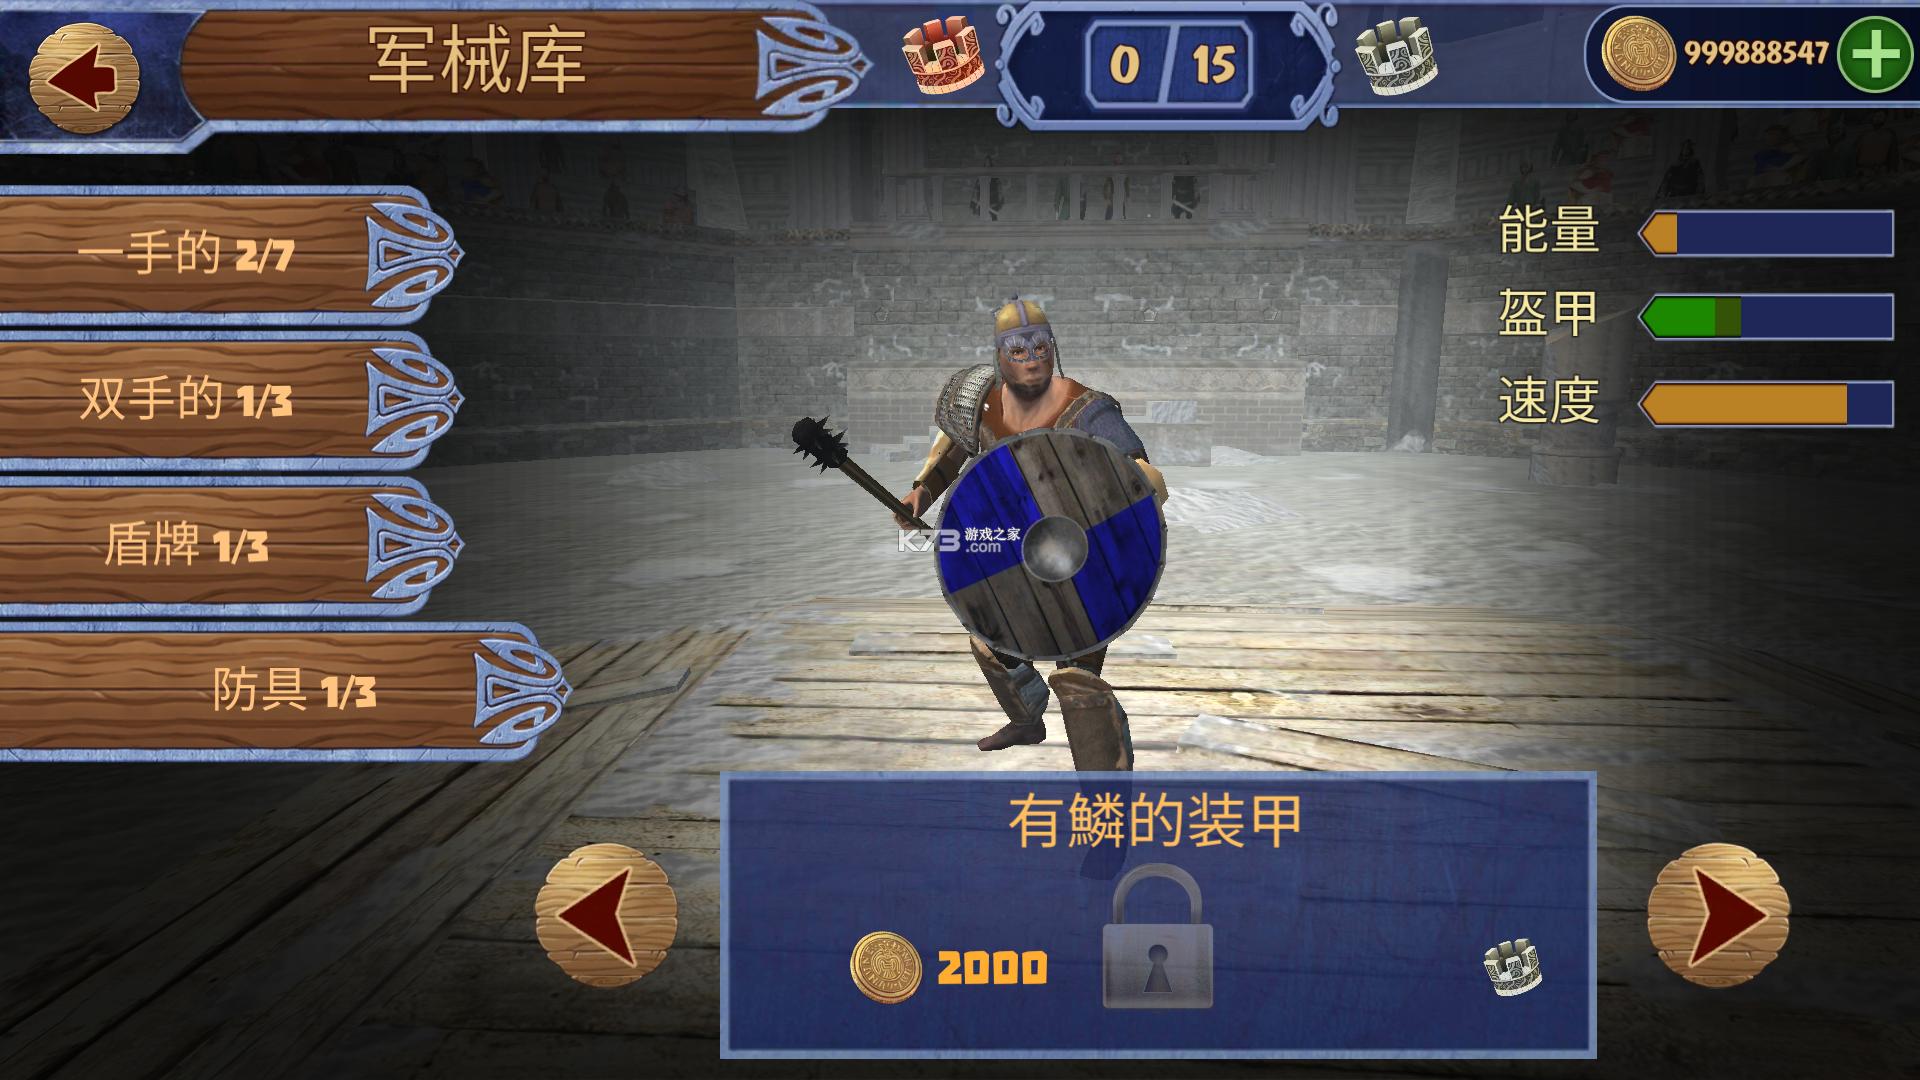 维京人之战 v2.6.0 游戏 截图